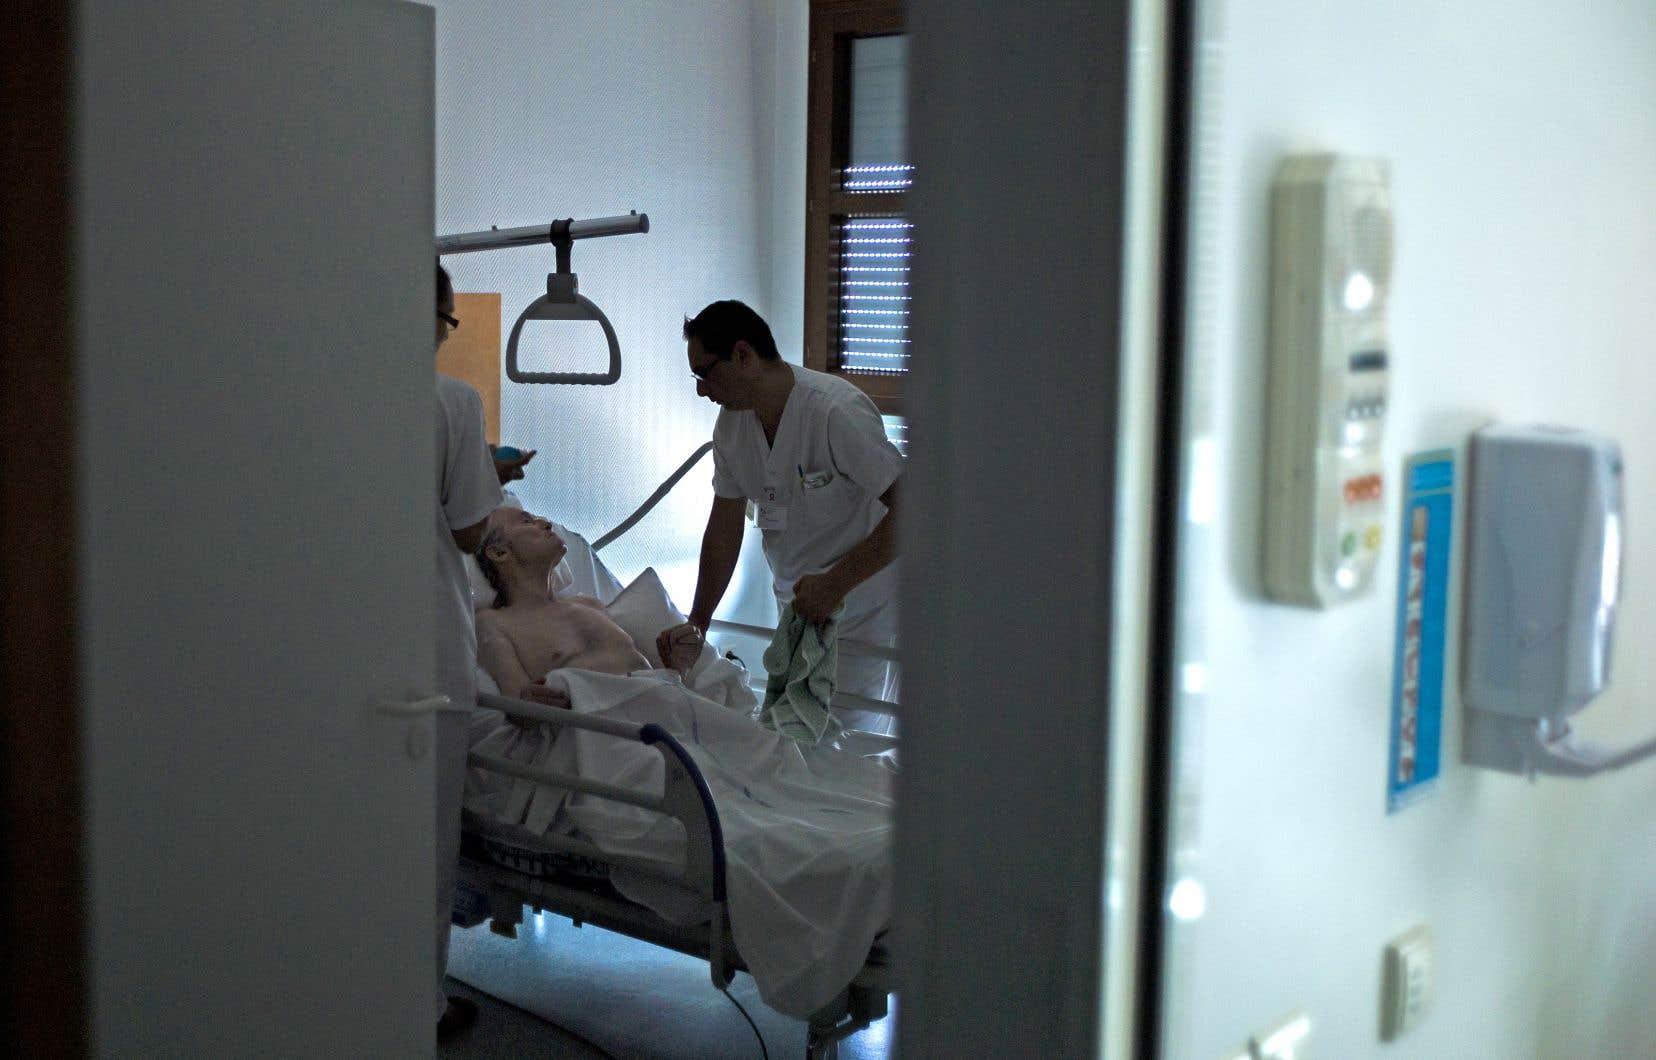 Les heures supplémentaires obligatoires et la surcharge de travail sont monnaie courante pour les infirmières.